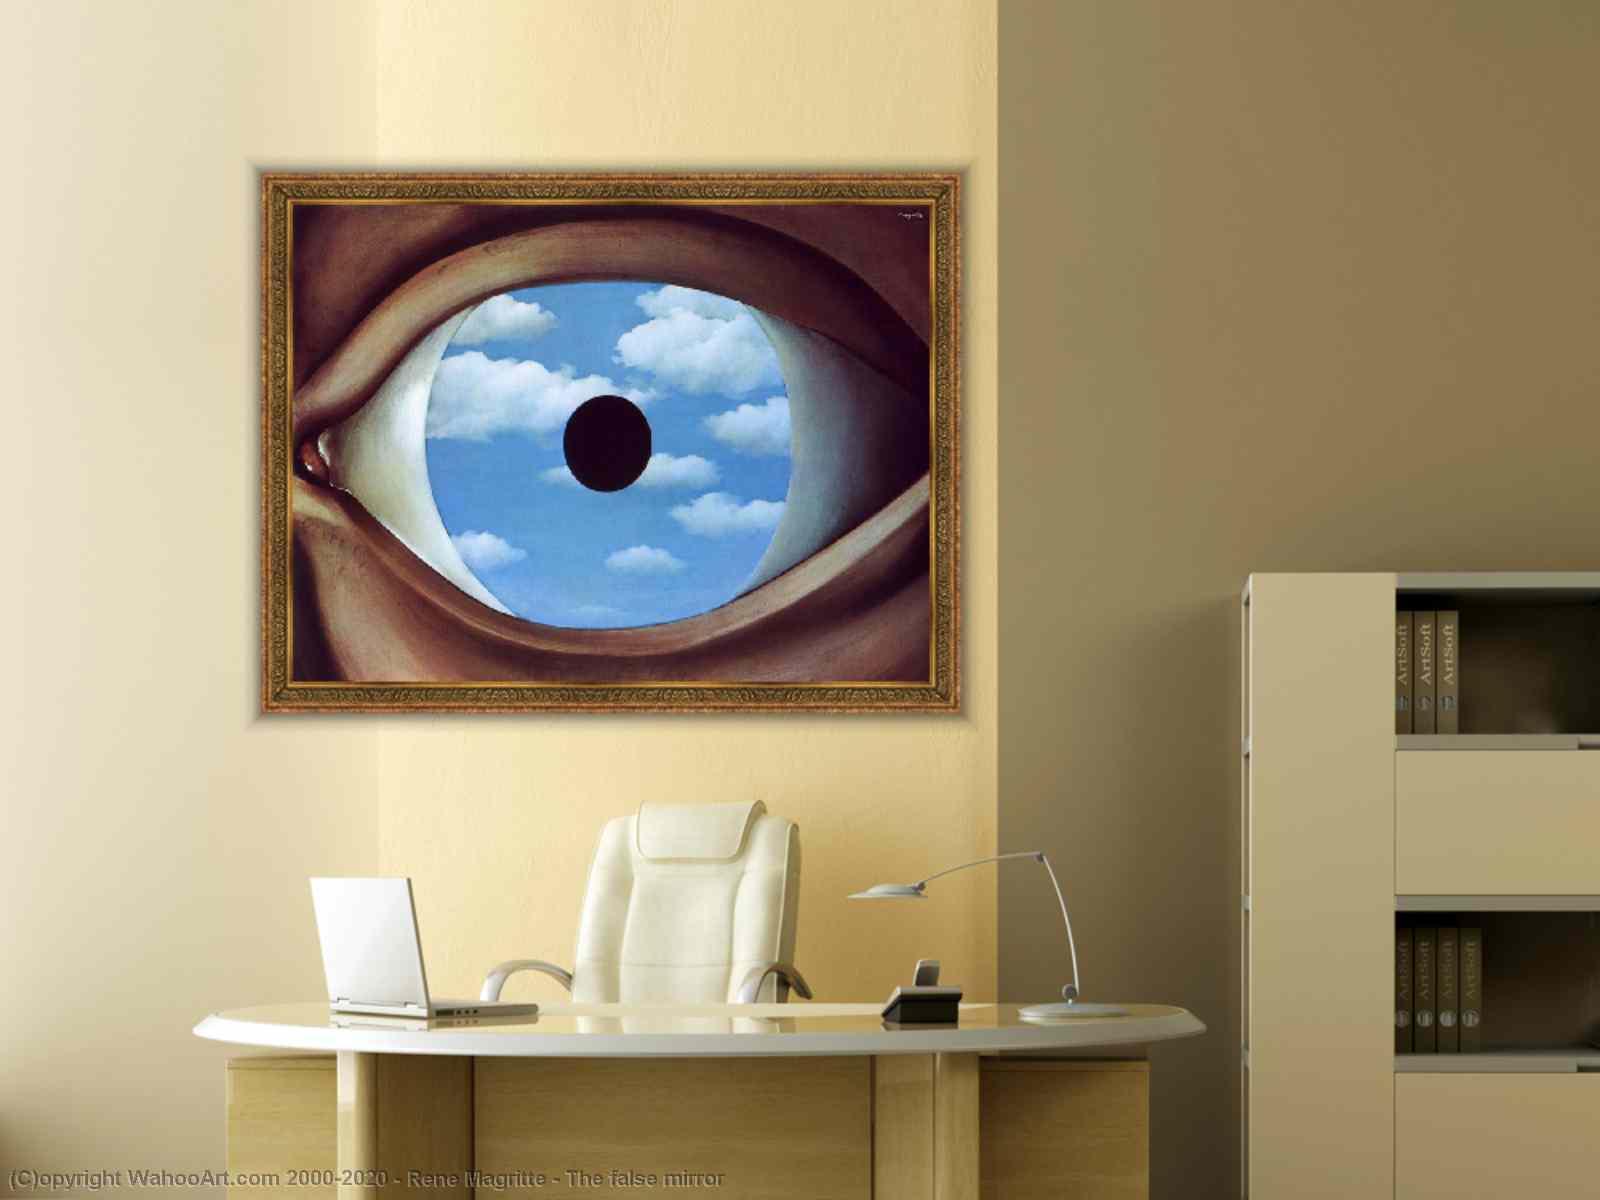 Il Falso Specchio.Il Falso Specchio Di Rene Magritte Buypopart Com